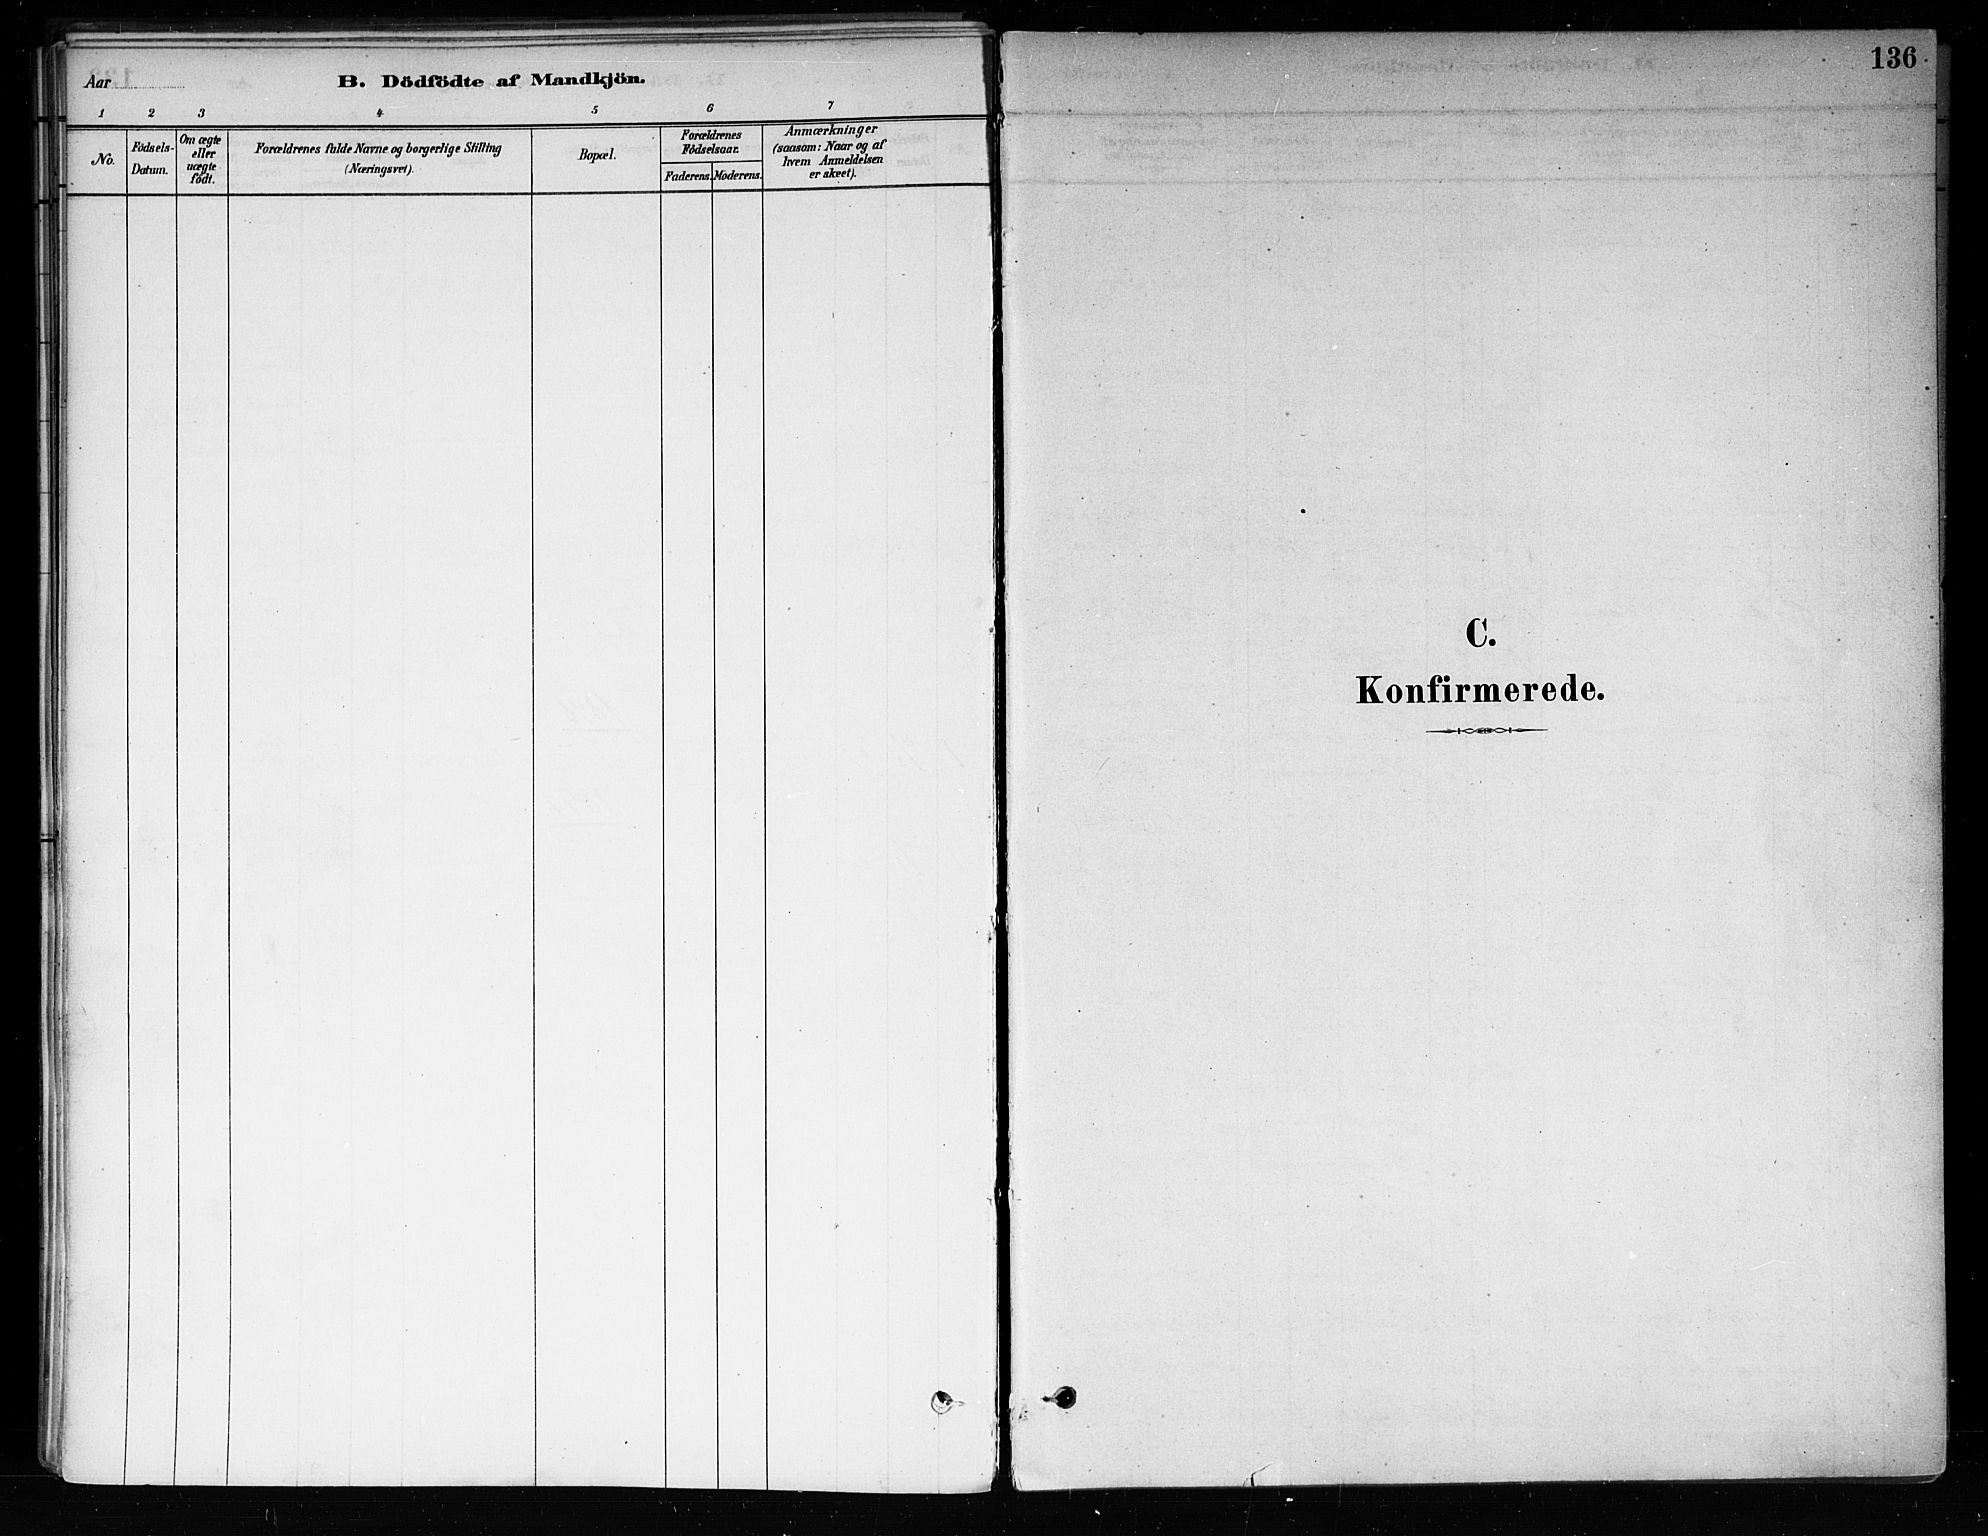 SAKO, Røyken kirkebøker, F/Fa/L0008: Ministerialbok nr. 8, 1880-1897, s. 136